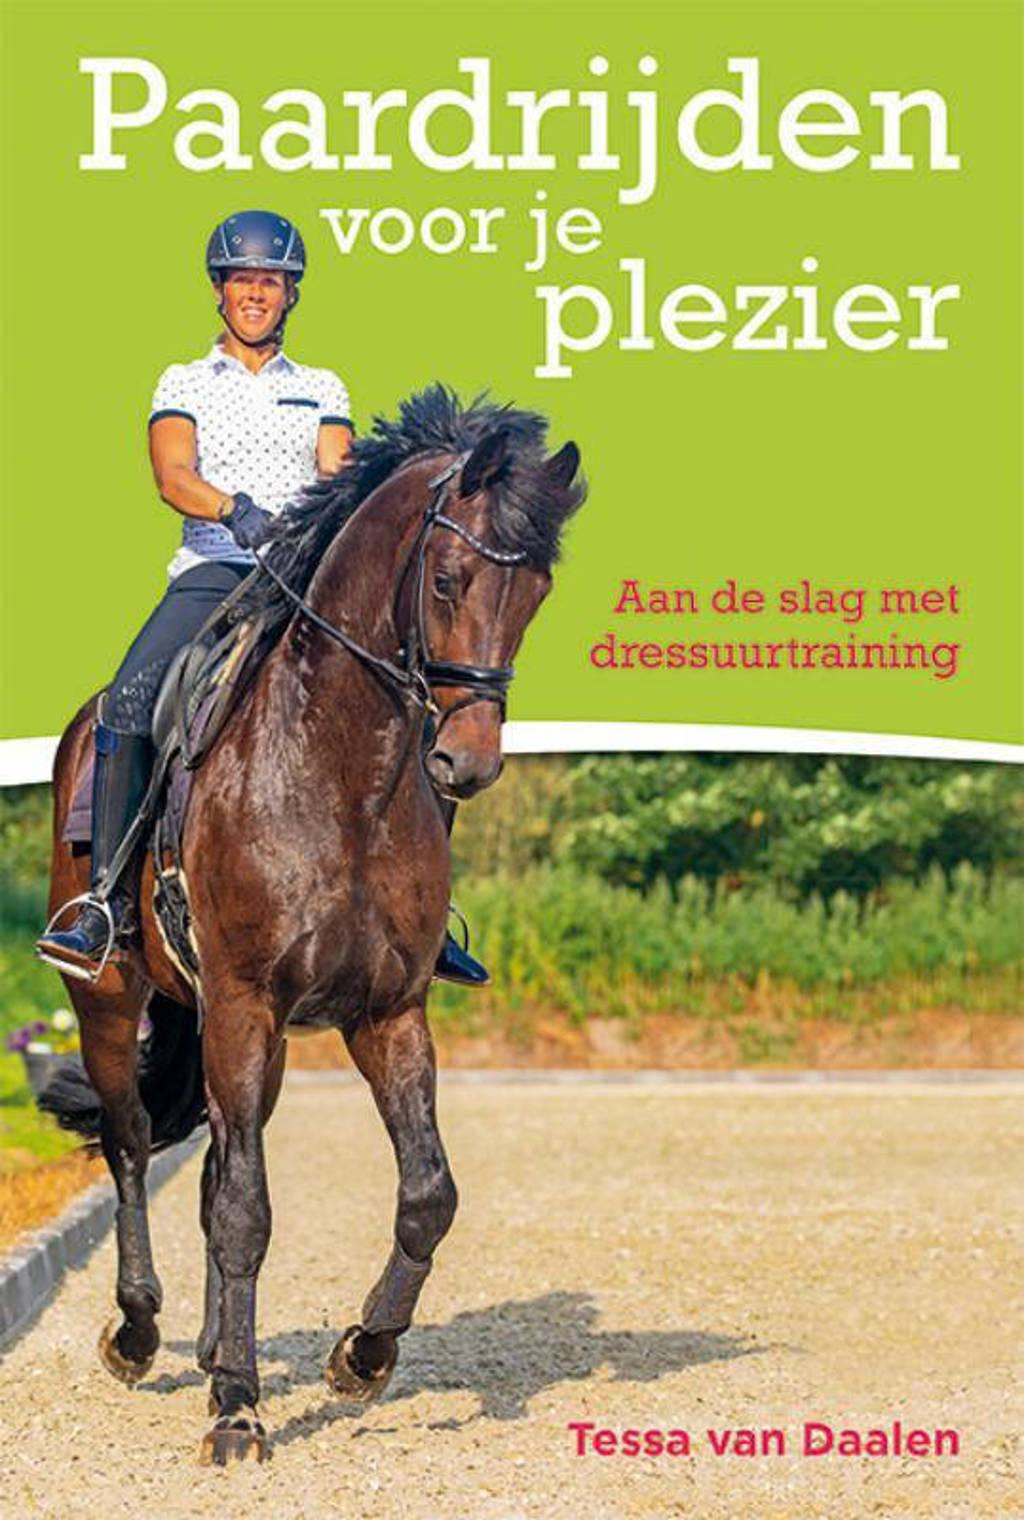 Paardrijden voor je plezier - Tessa van Daalen